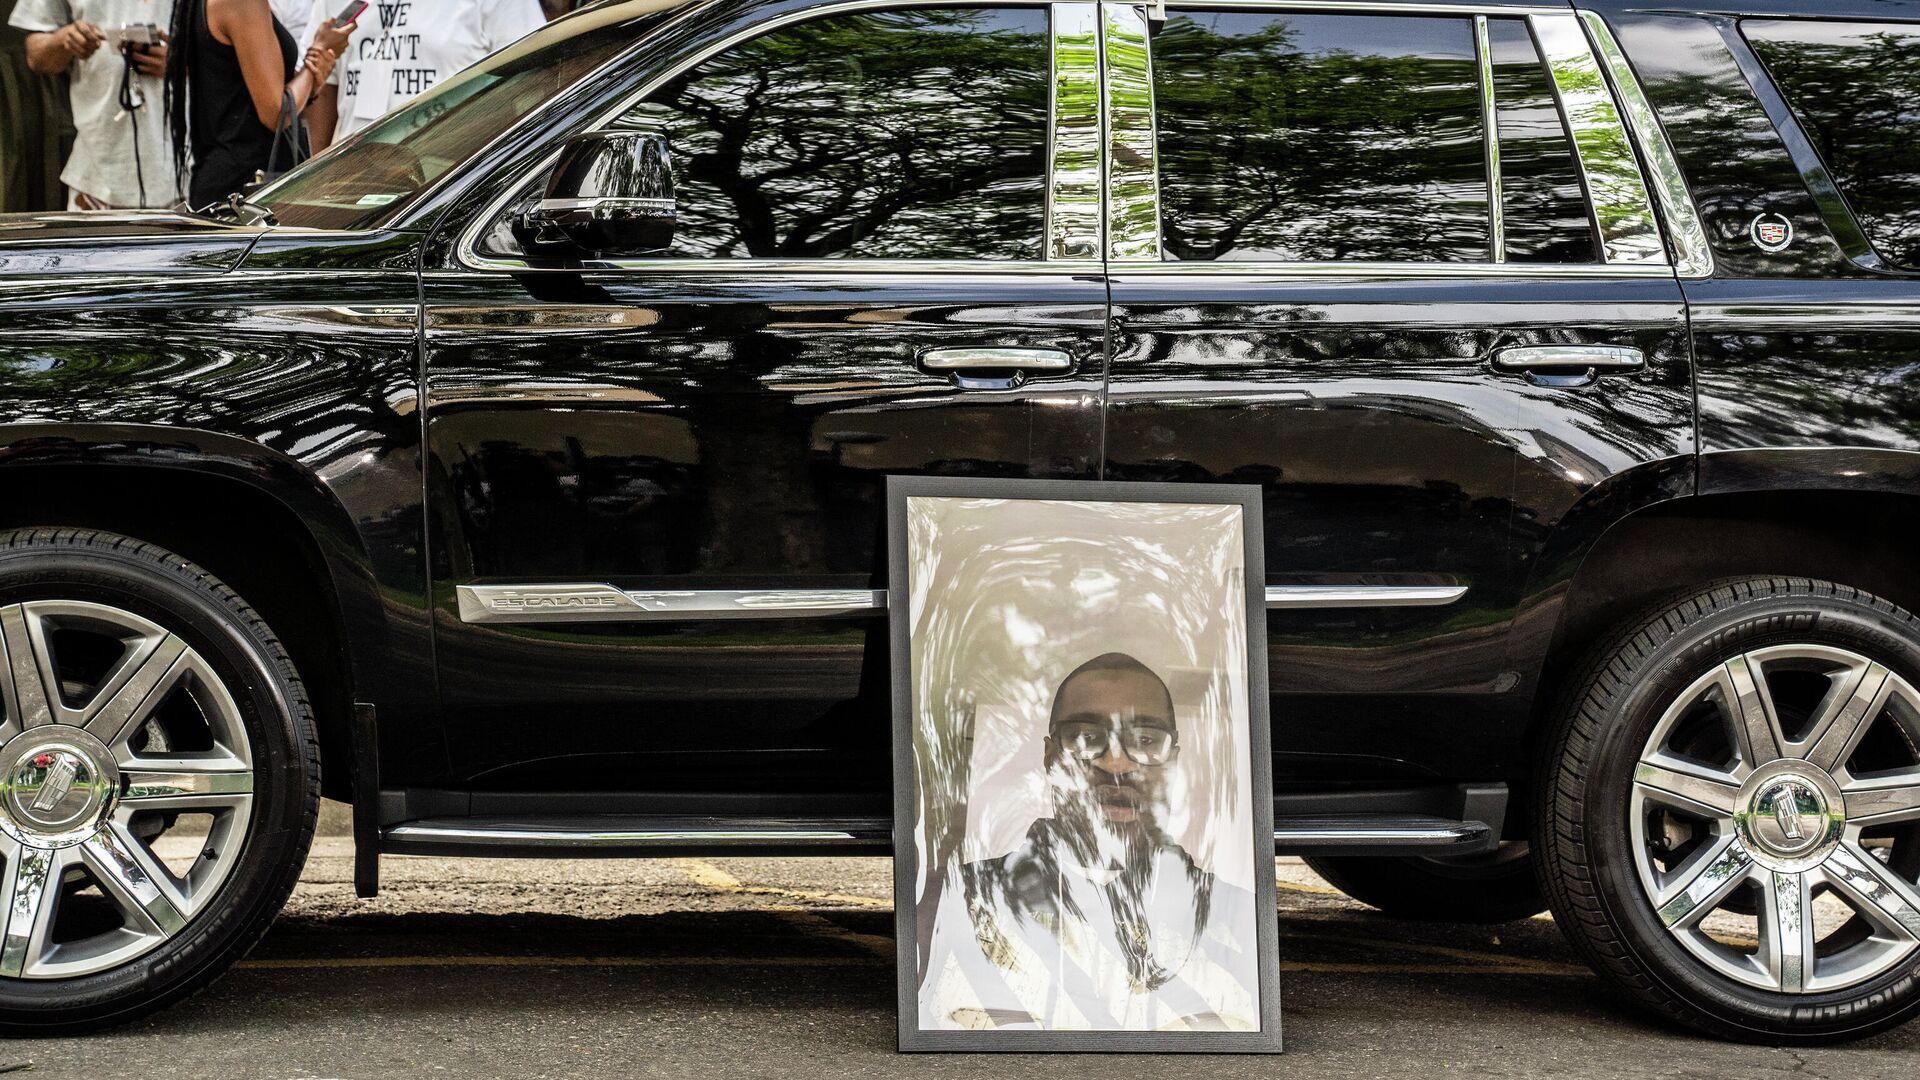 Портрет Джорджа Флойда, погибшего при задержании полицией 25 мая, у машины на церемонии прощания в Северном центральном университете в Миннеаполис - РИА Новости, 1920, 29.03.2021